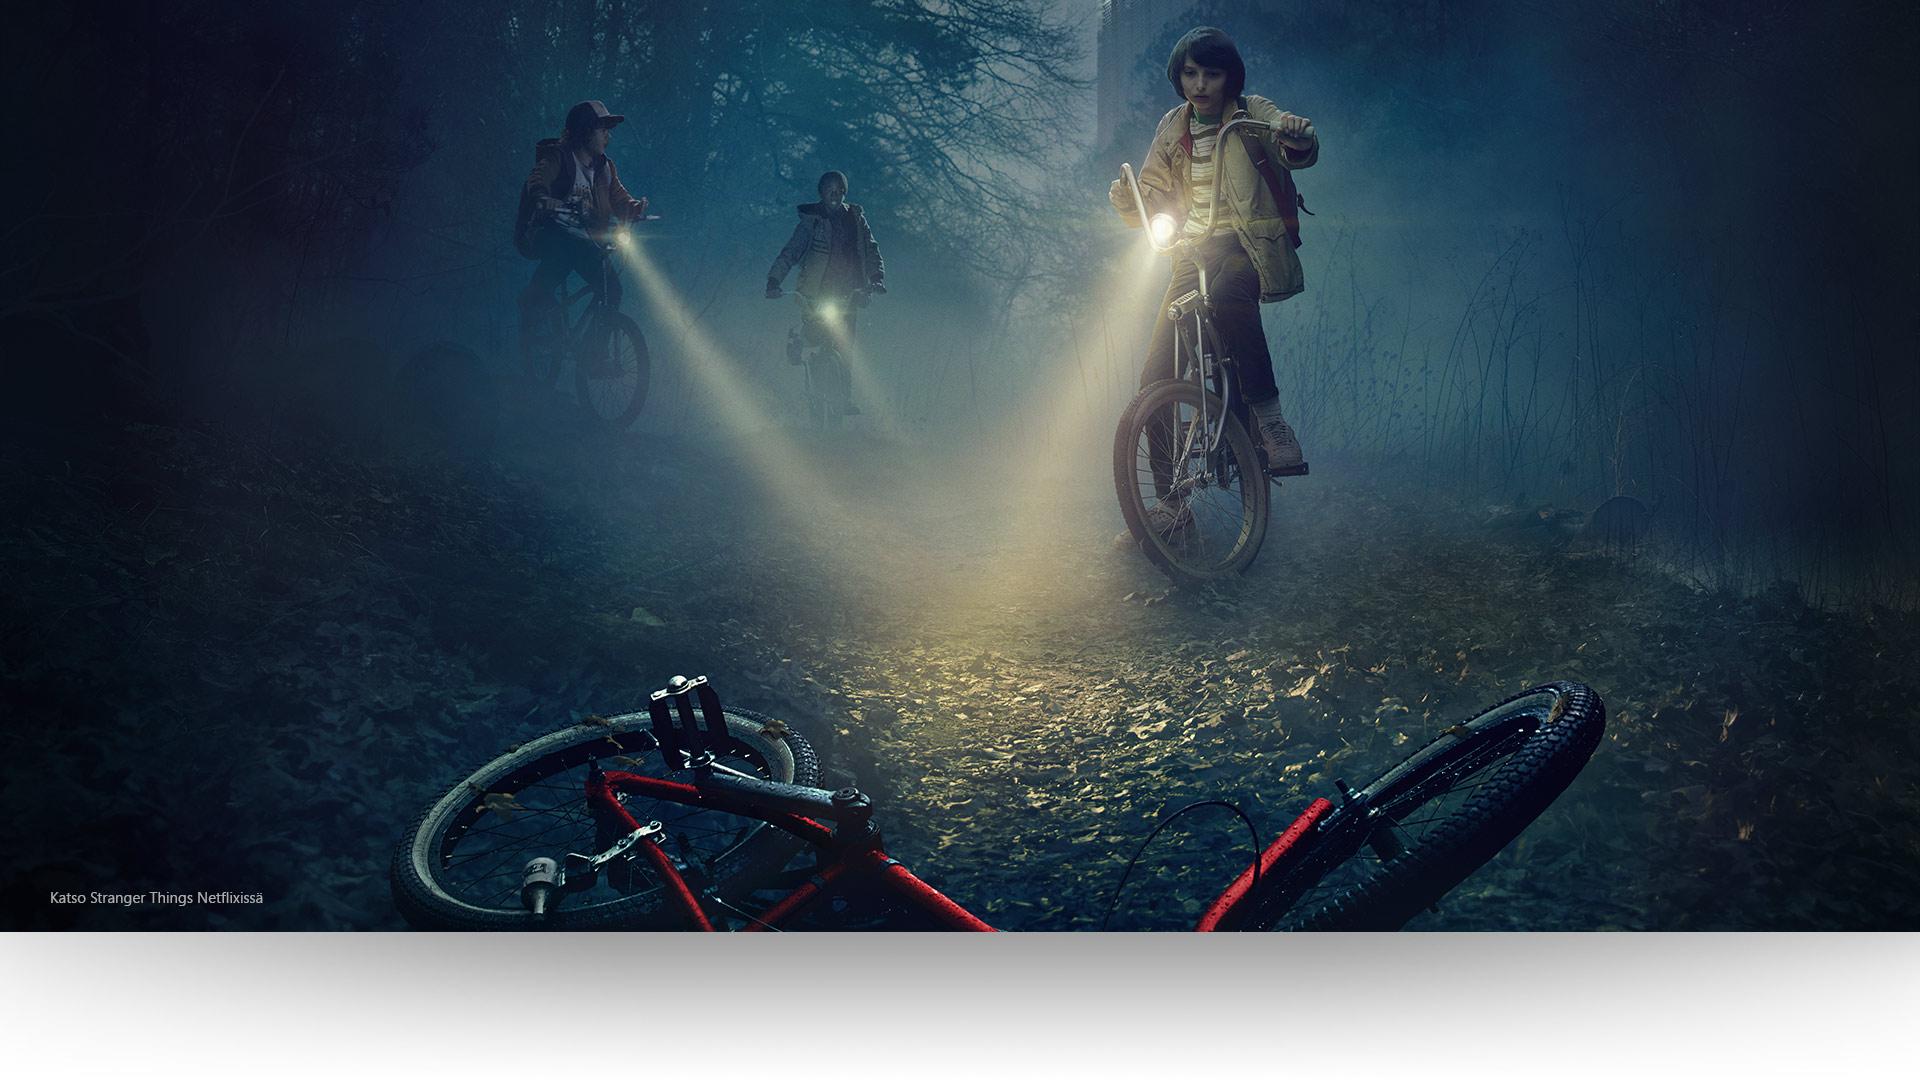 Pyöräilevät lapset löytävät jonkun kadottaman pyörän - katso Stranger Things Netflixiltä